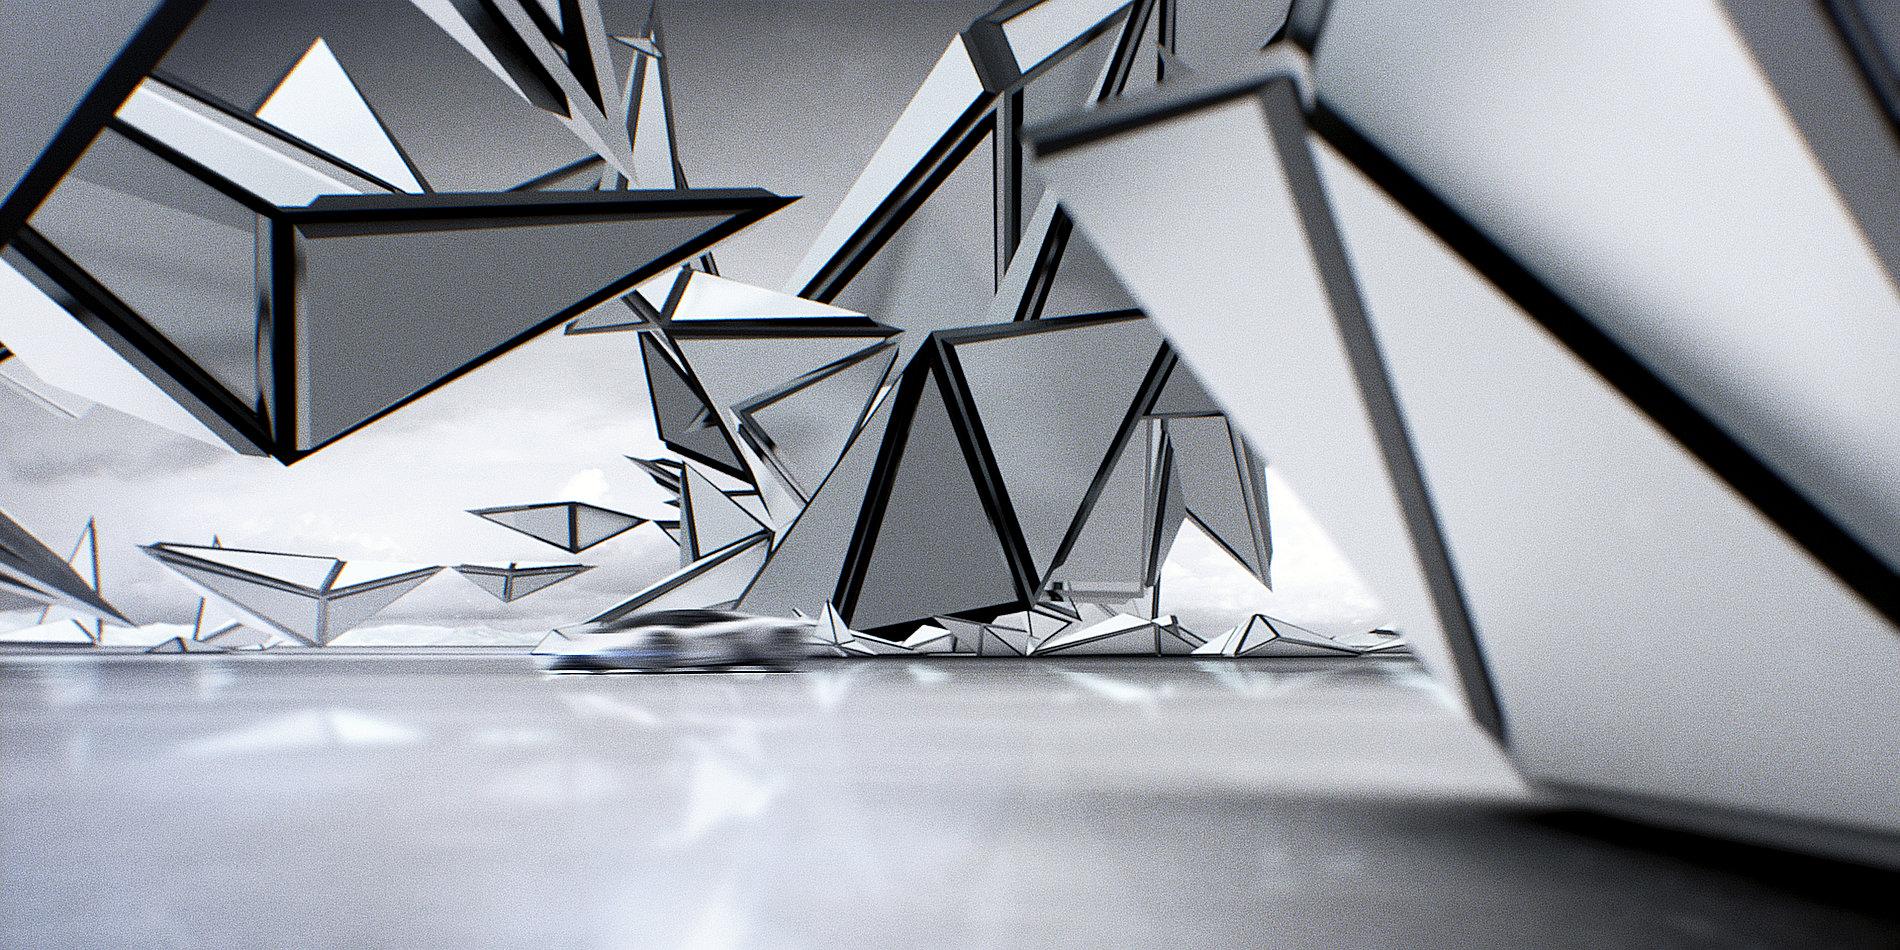 Diamante Concept Car | Red Dot Design Award